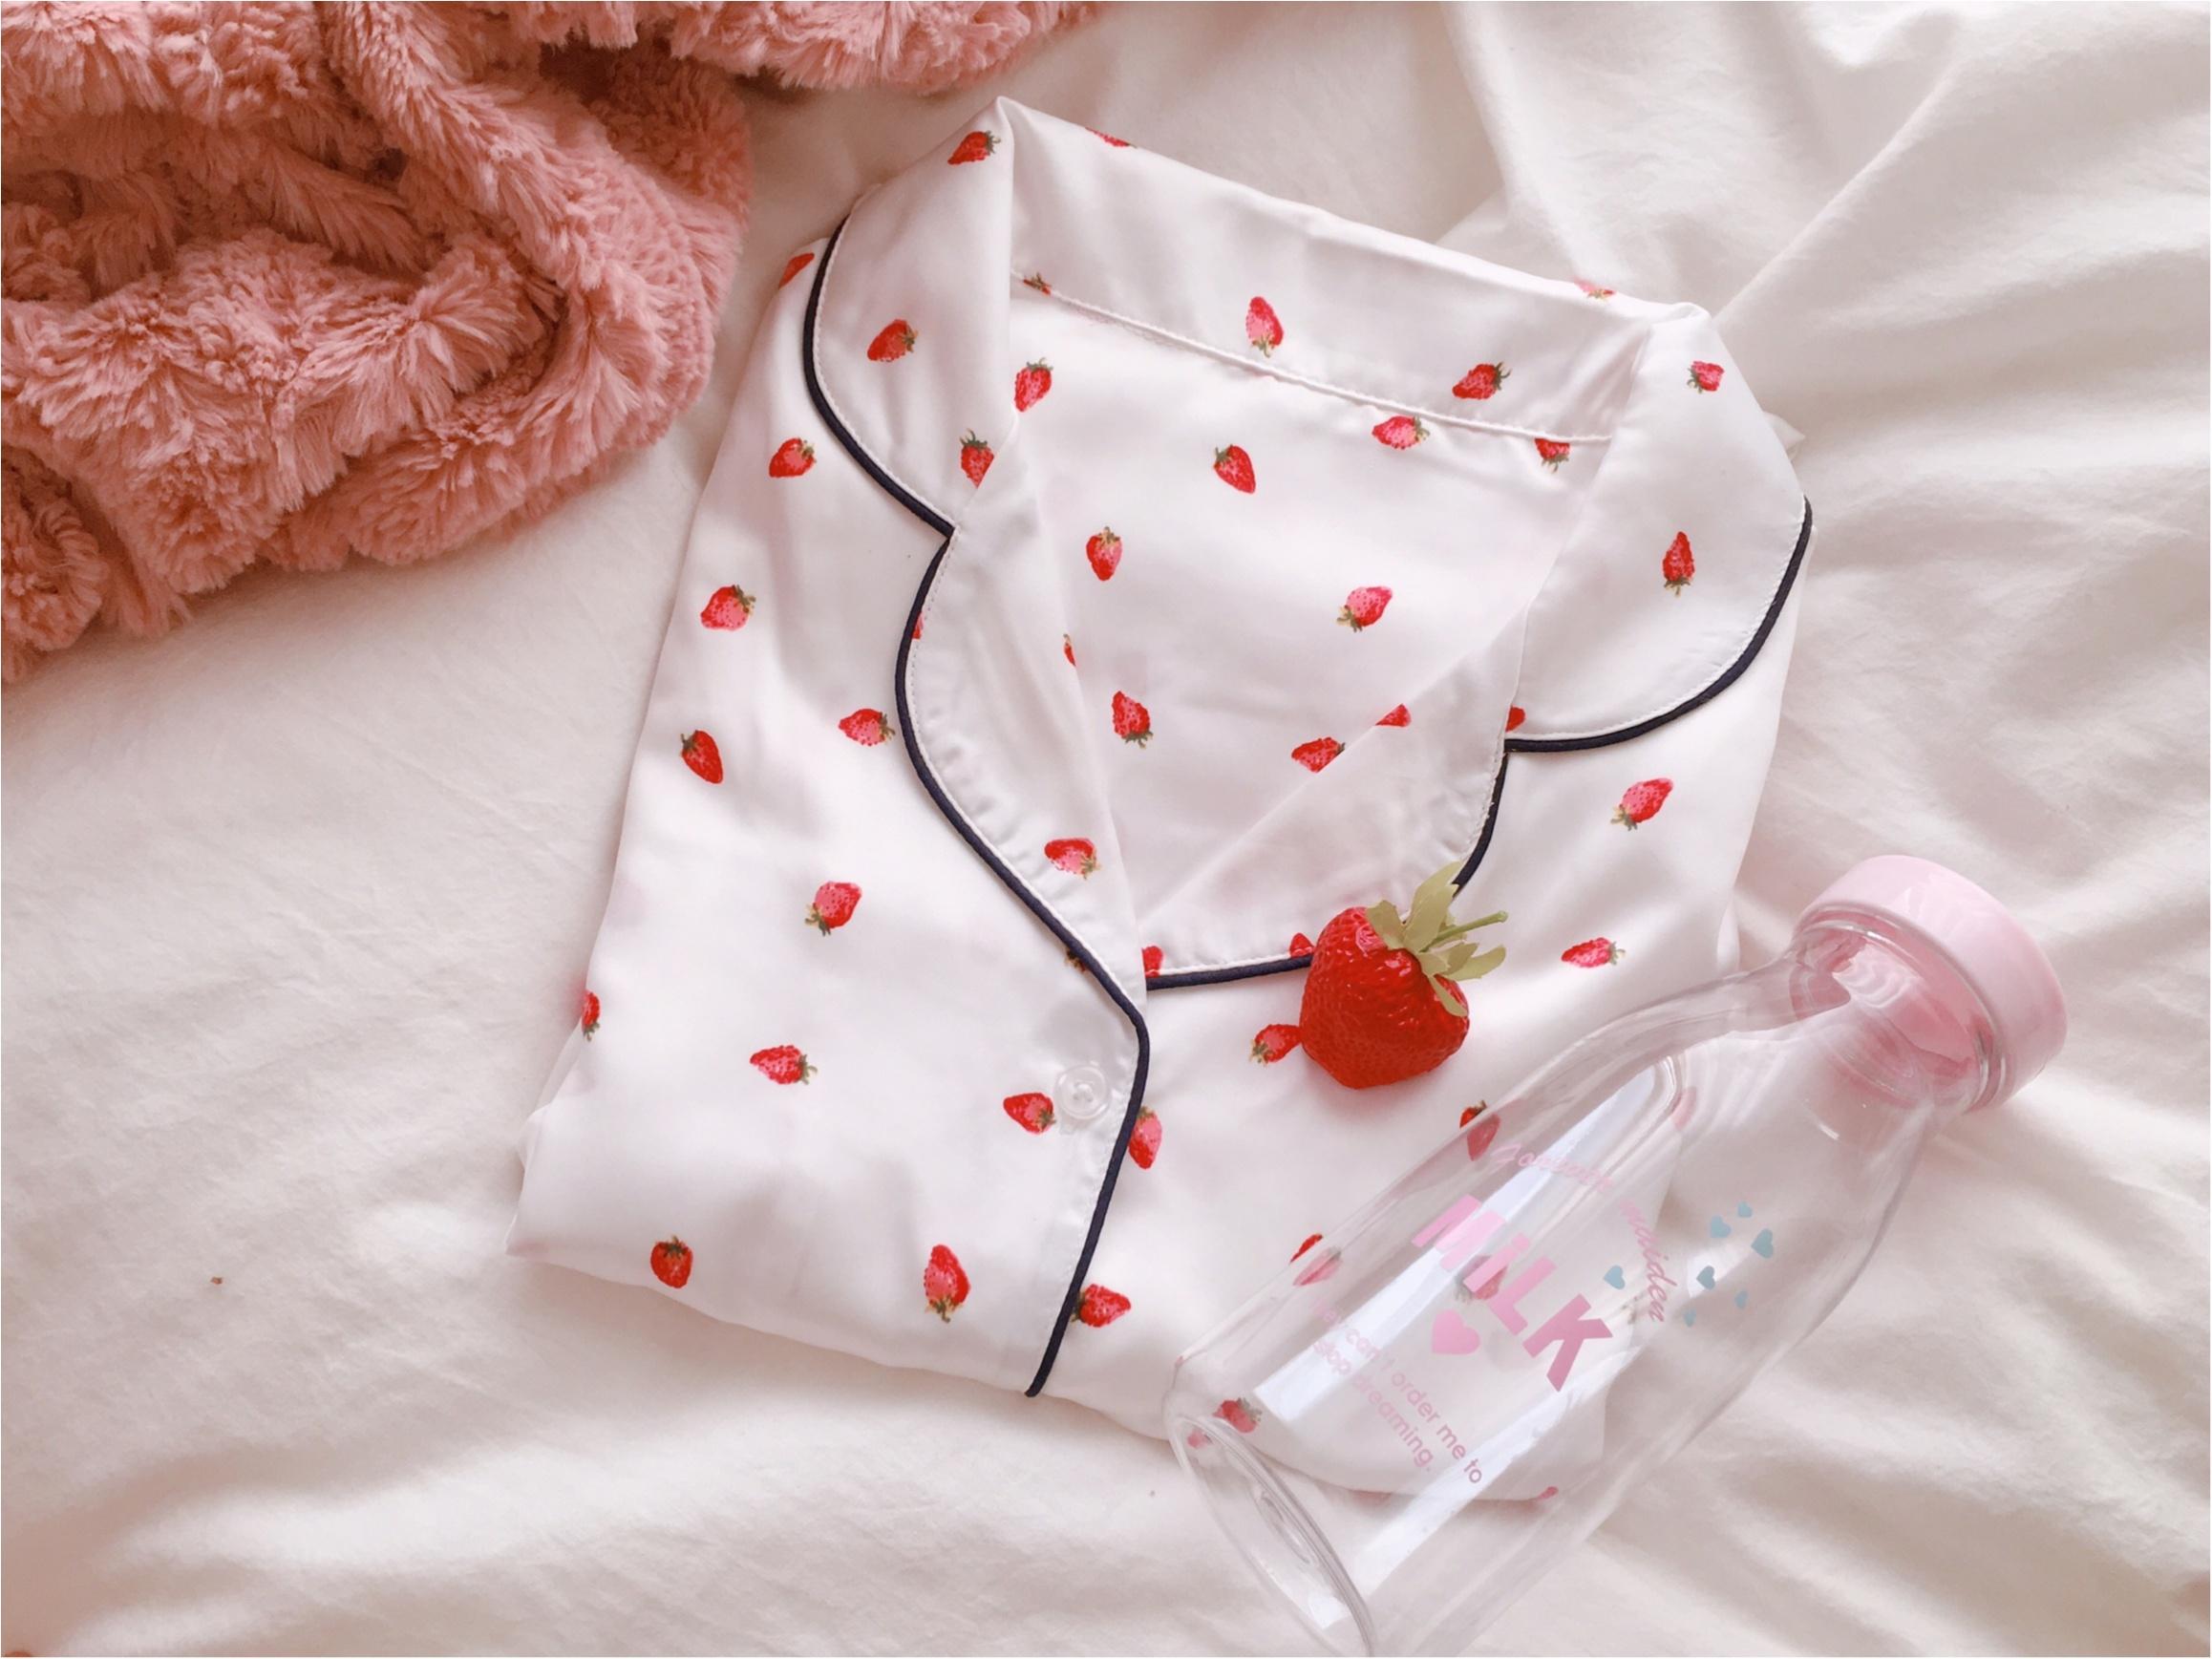 【GU(ジーユー)】いちごパジャマがかわいすぎて春が待ち遠しい!_2